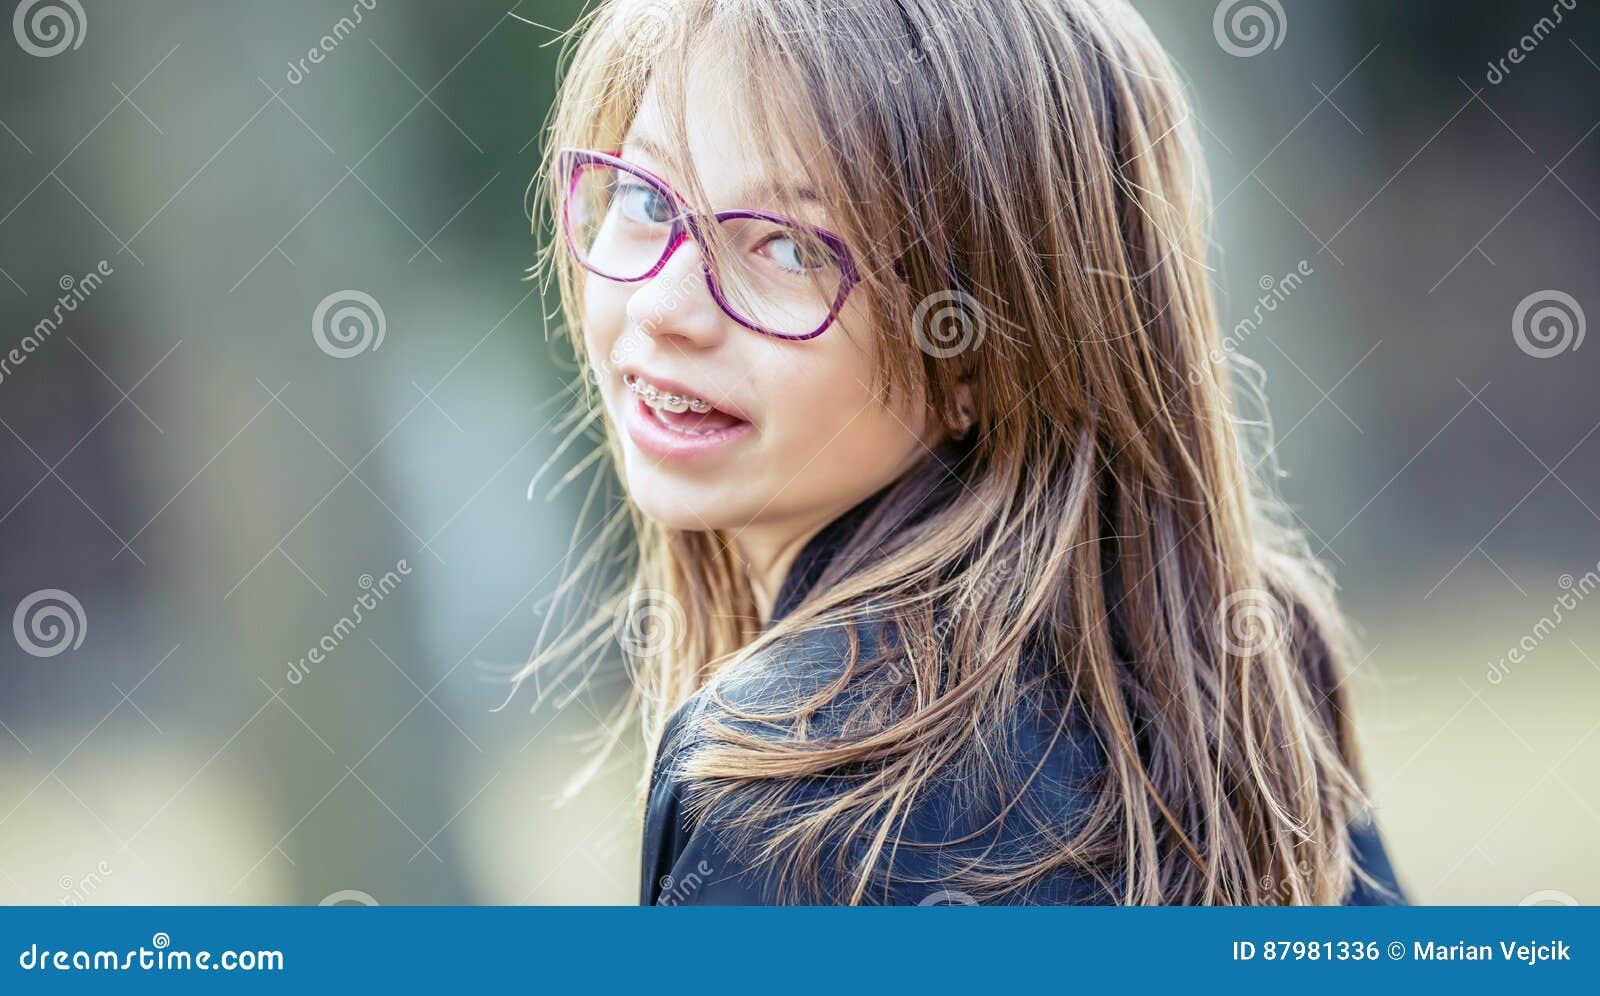 女孩 青少年 前青少年 戴眼镜的女孩 有牙括号的女孩 年轻逗人喜爱的白种人白肤金发的女孩佩带的牙括号和玻璃